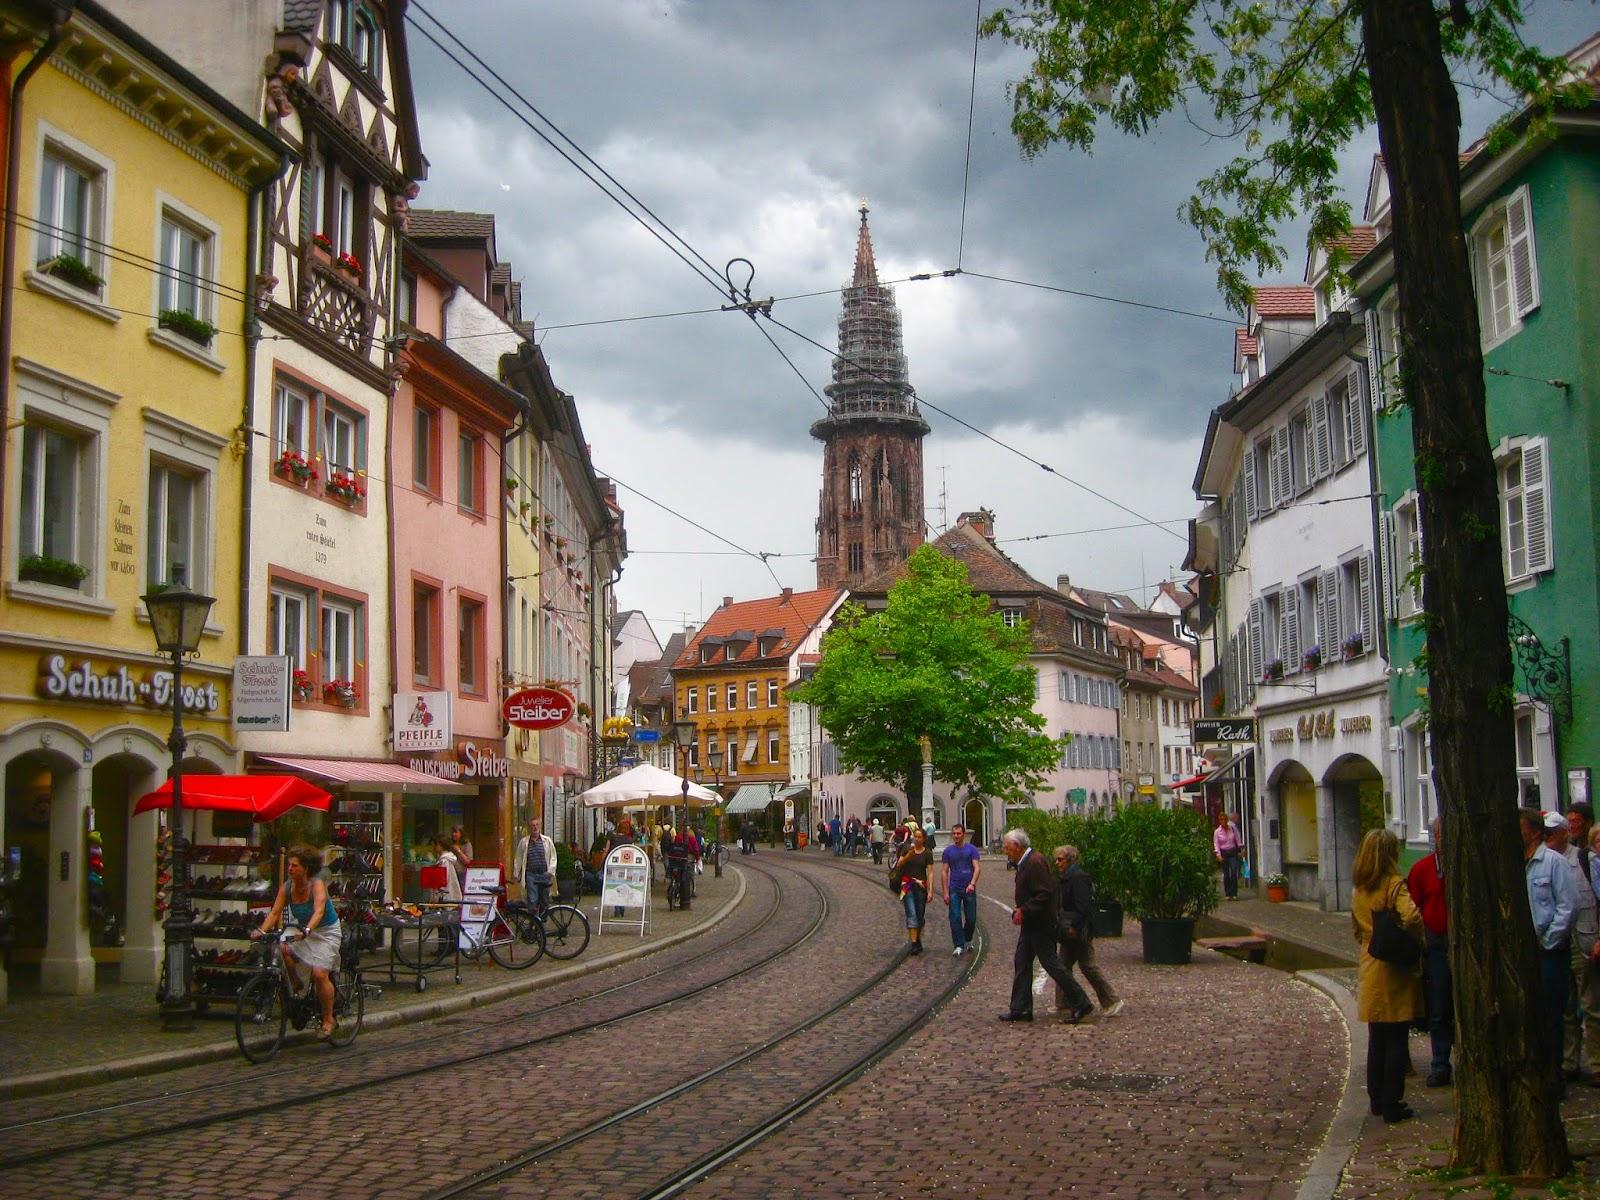 Kostenfreie partnersuche Freiburg im Breisgau